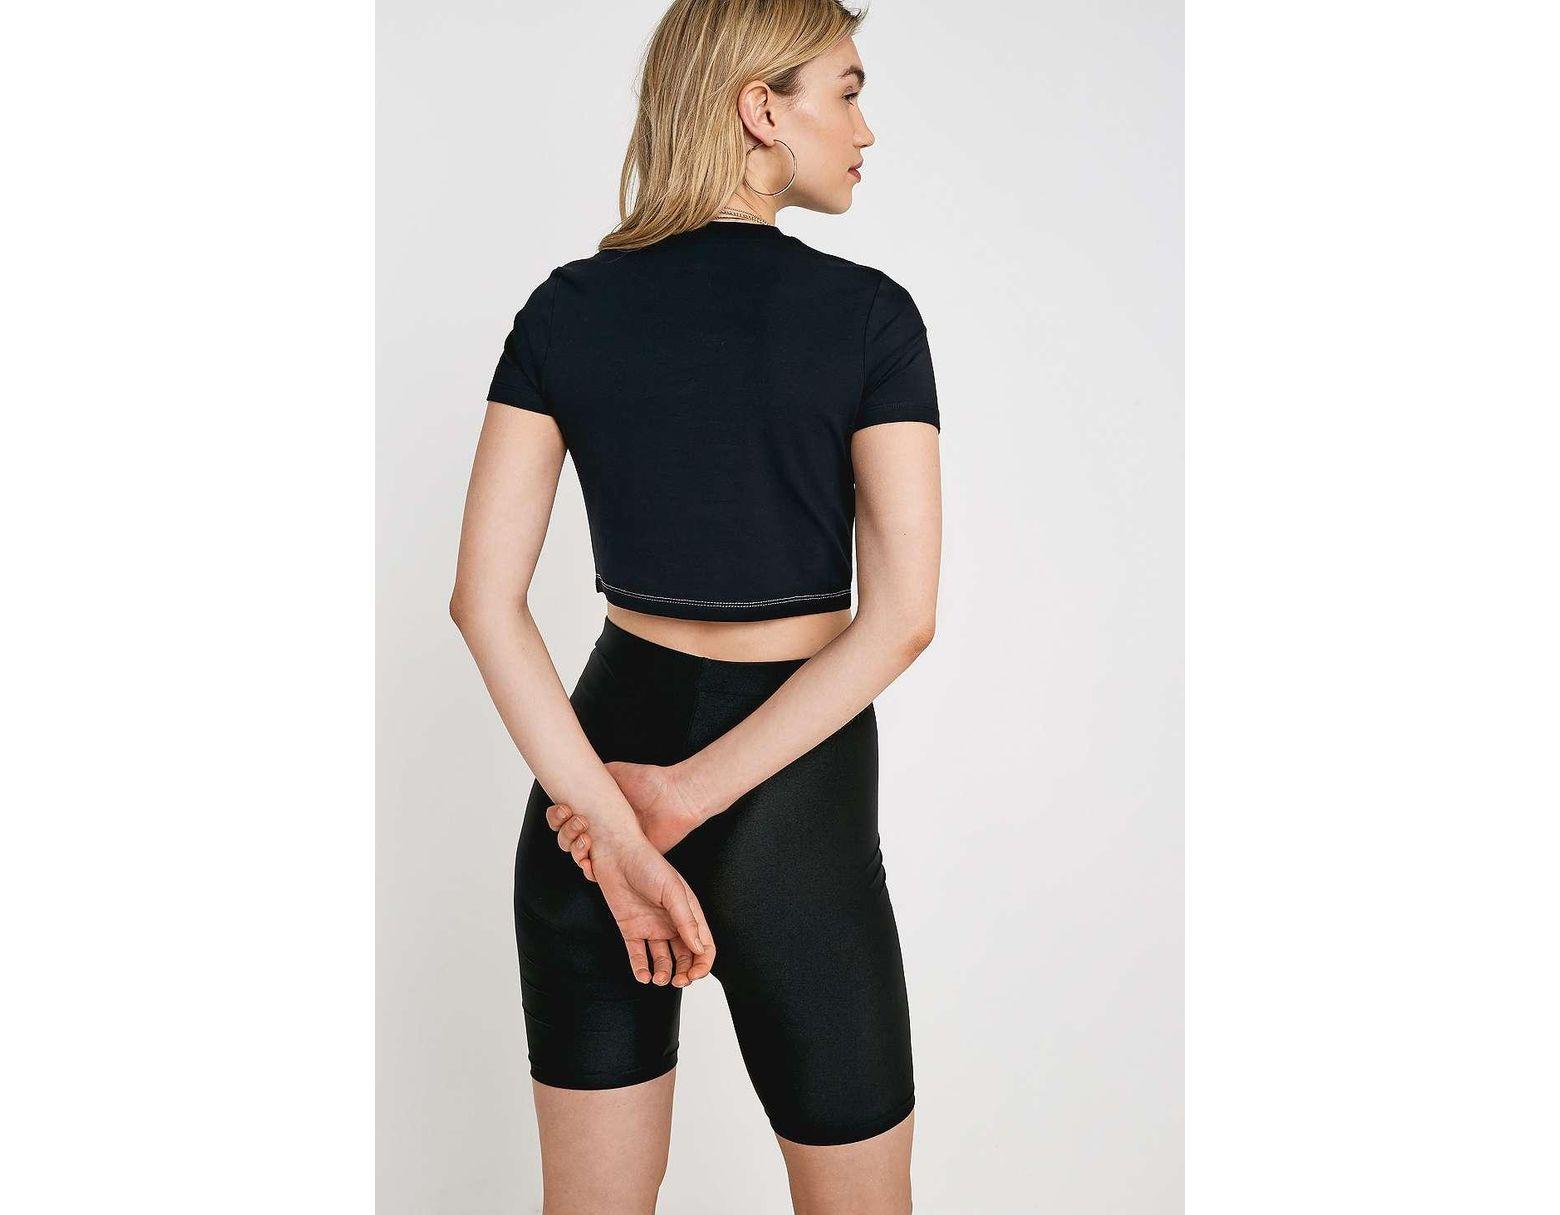 7c16c71018f812 Fila Keyhole Crop T-shirt in Black - Lyst